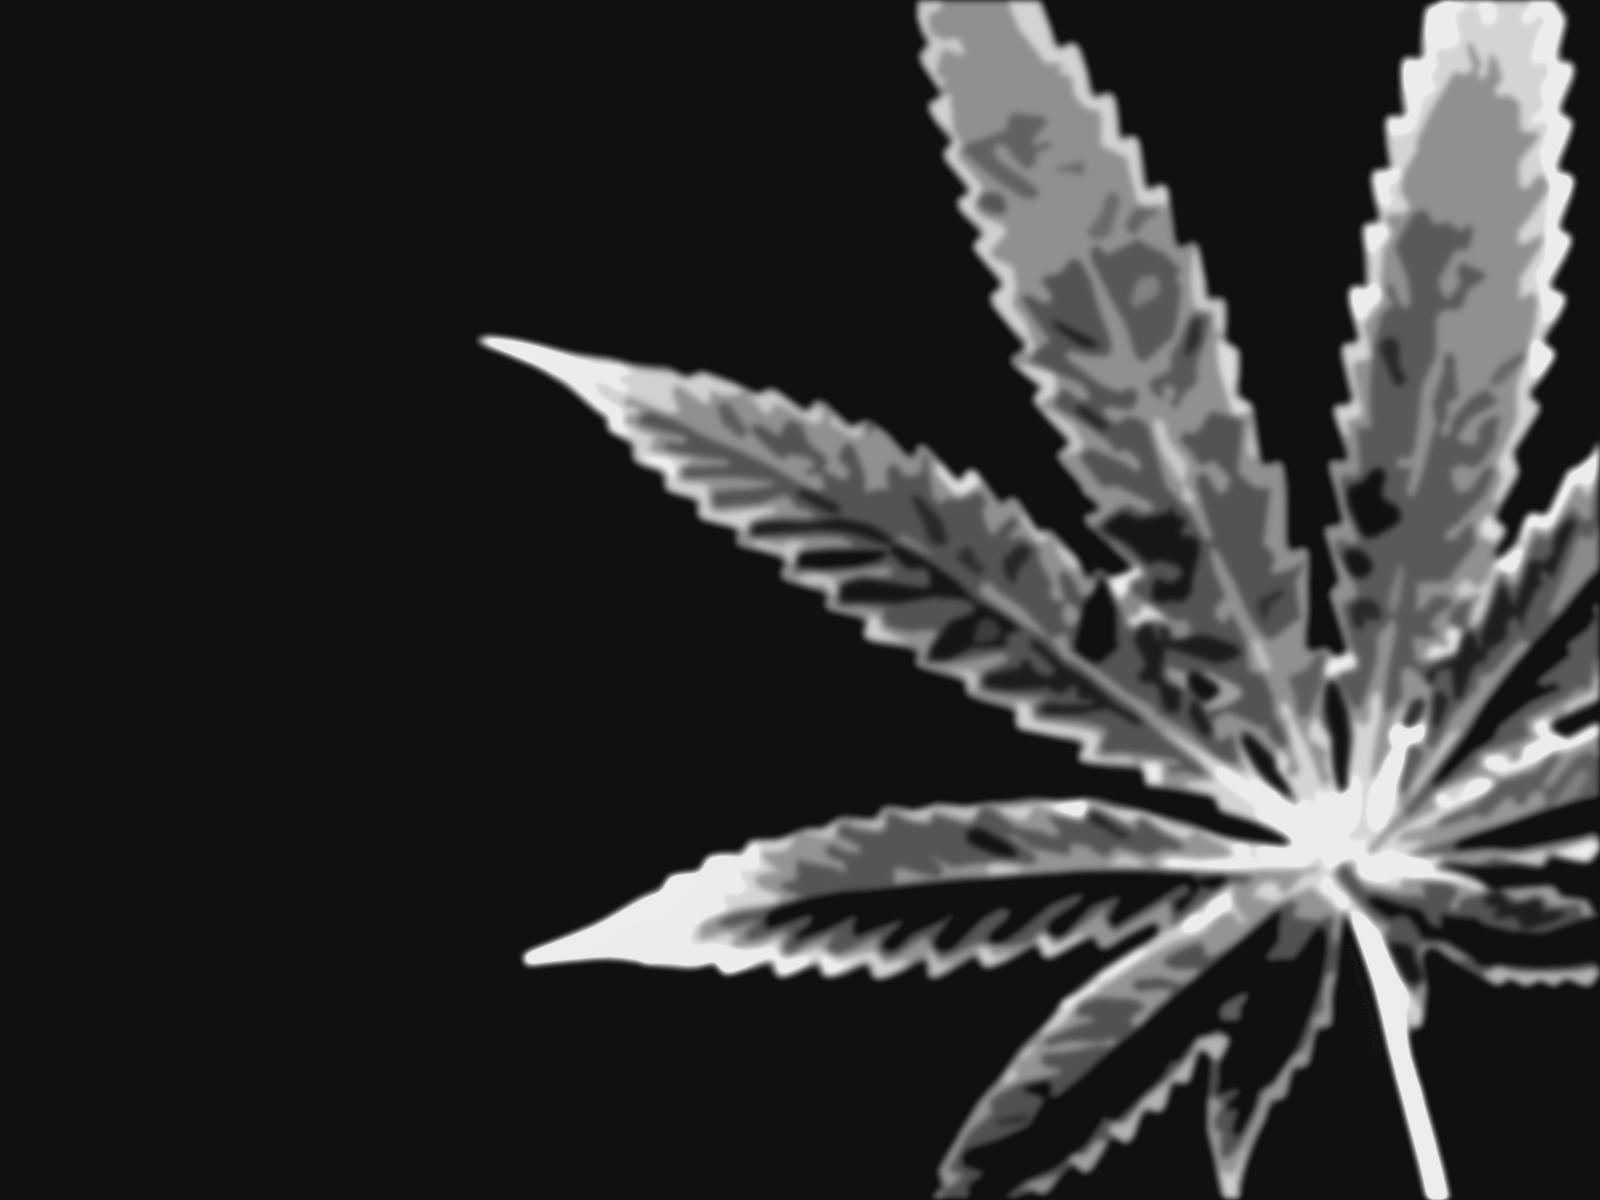 http://1.bp.blogspot.com/-hnaI47TN3Og/TayC8LTVFSI/AAAAAAAAACU/X1DeZF7fVpA/s1600/Marijuana_by_xapax.jpg